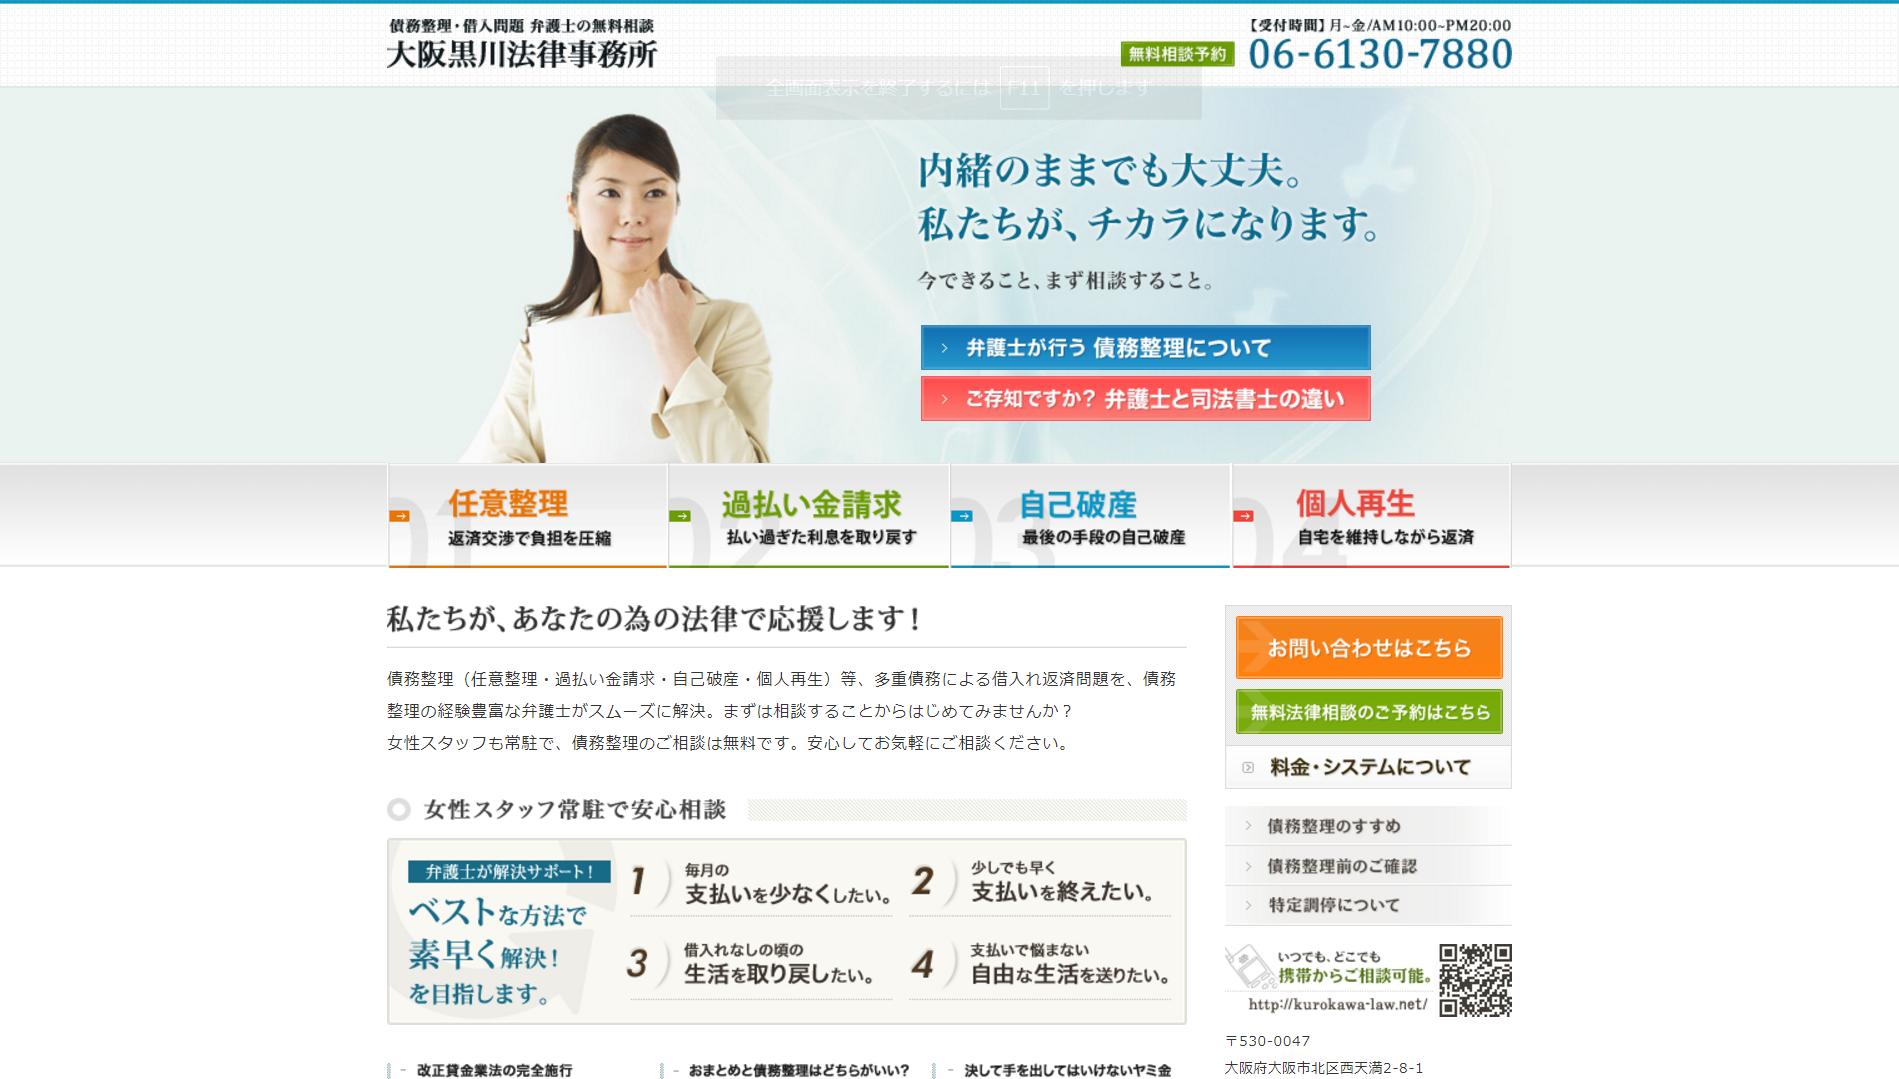 大阪黒川法律事務所